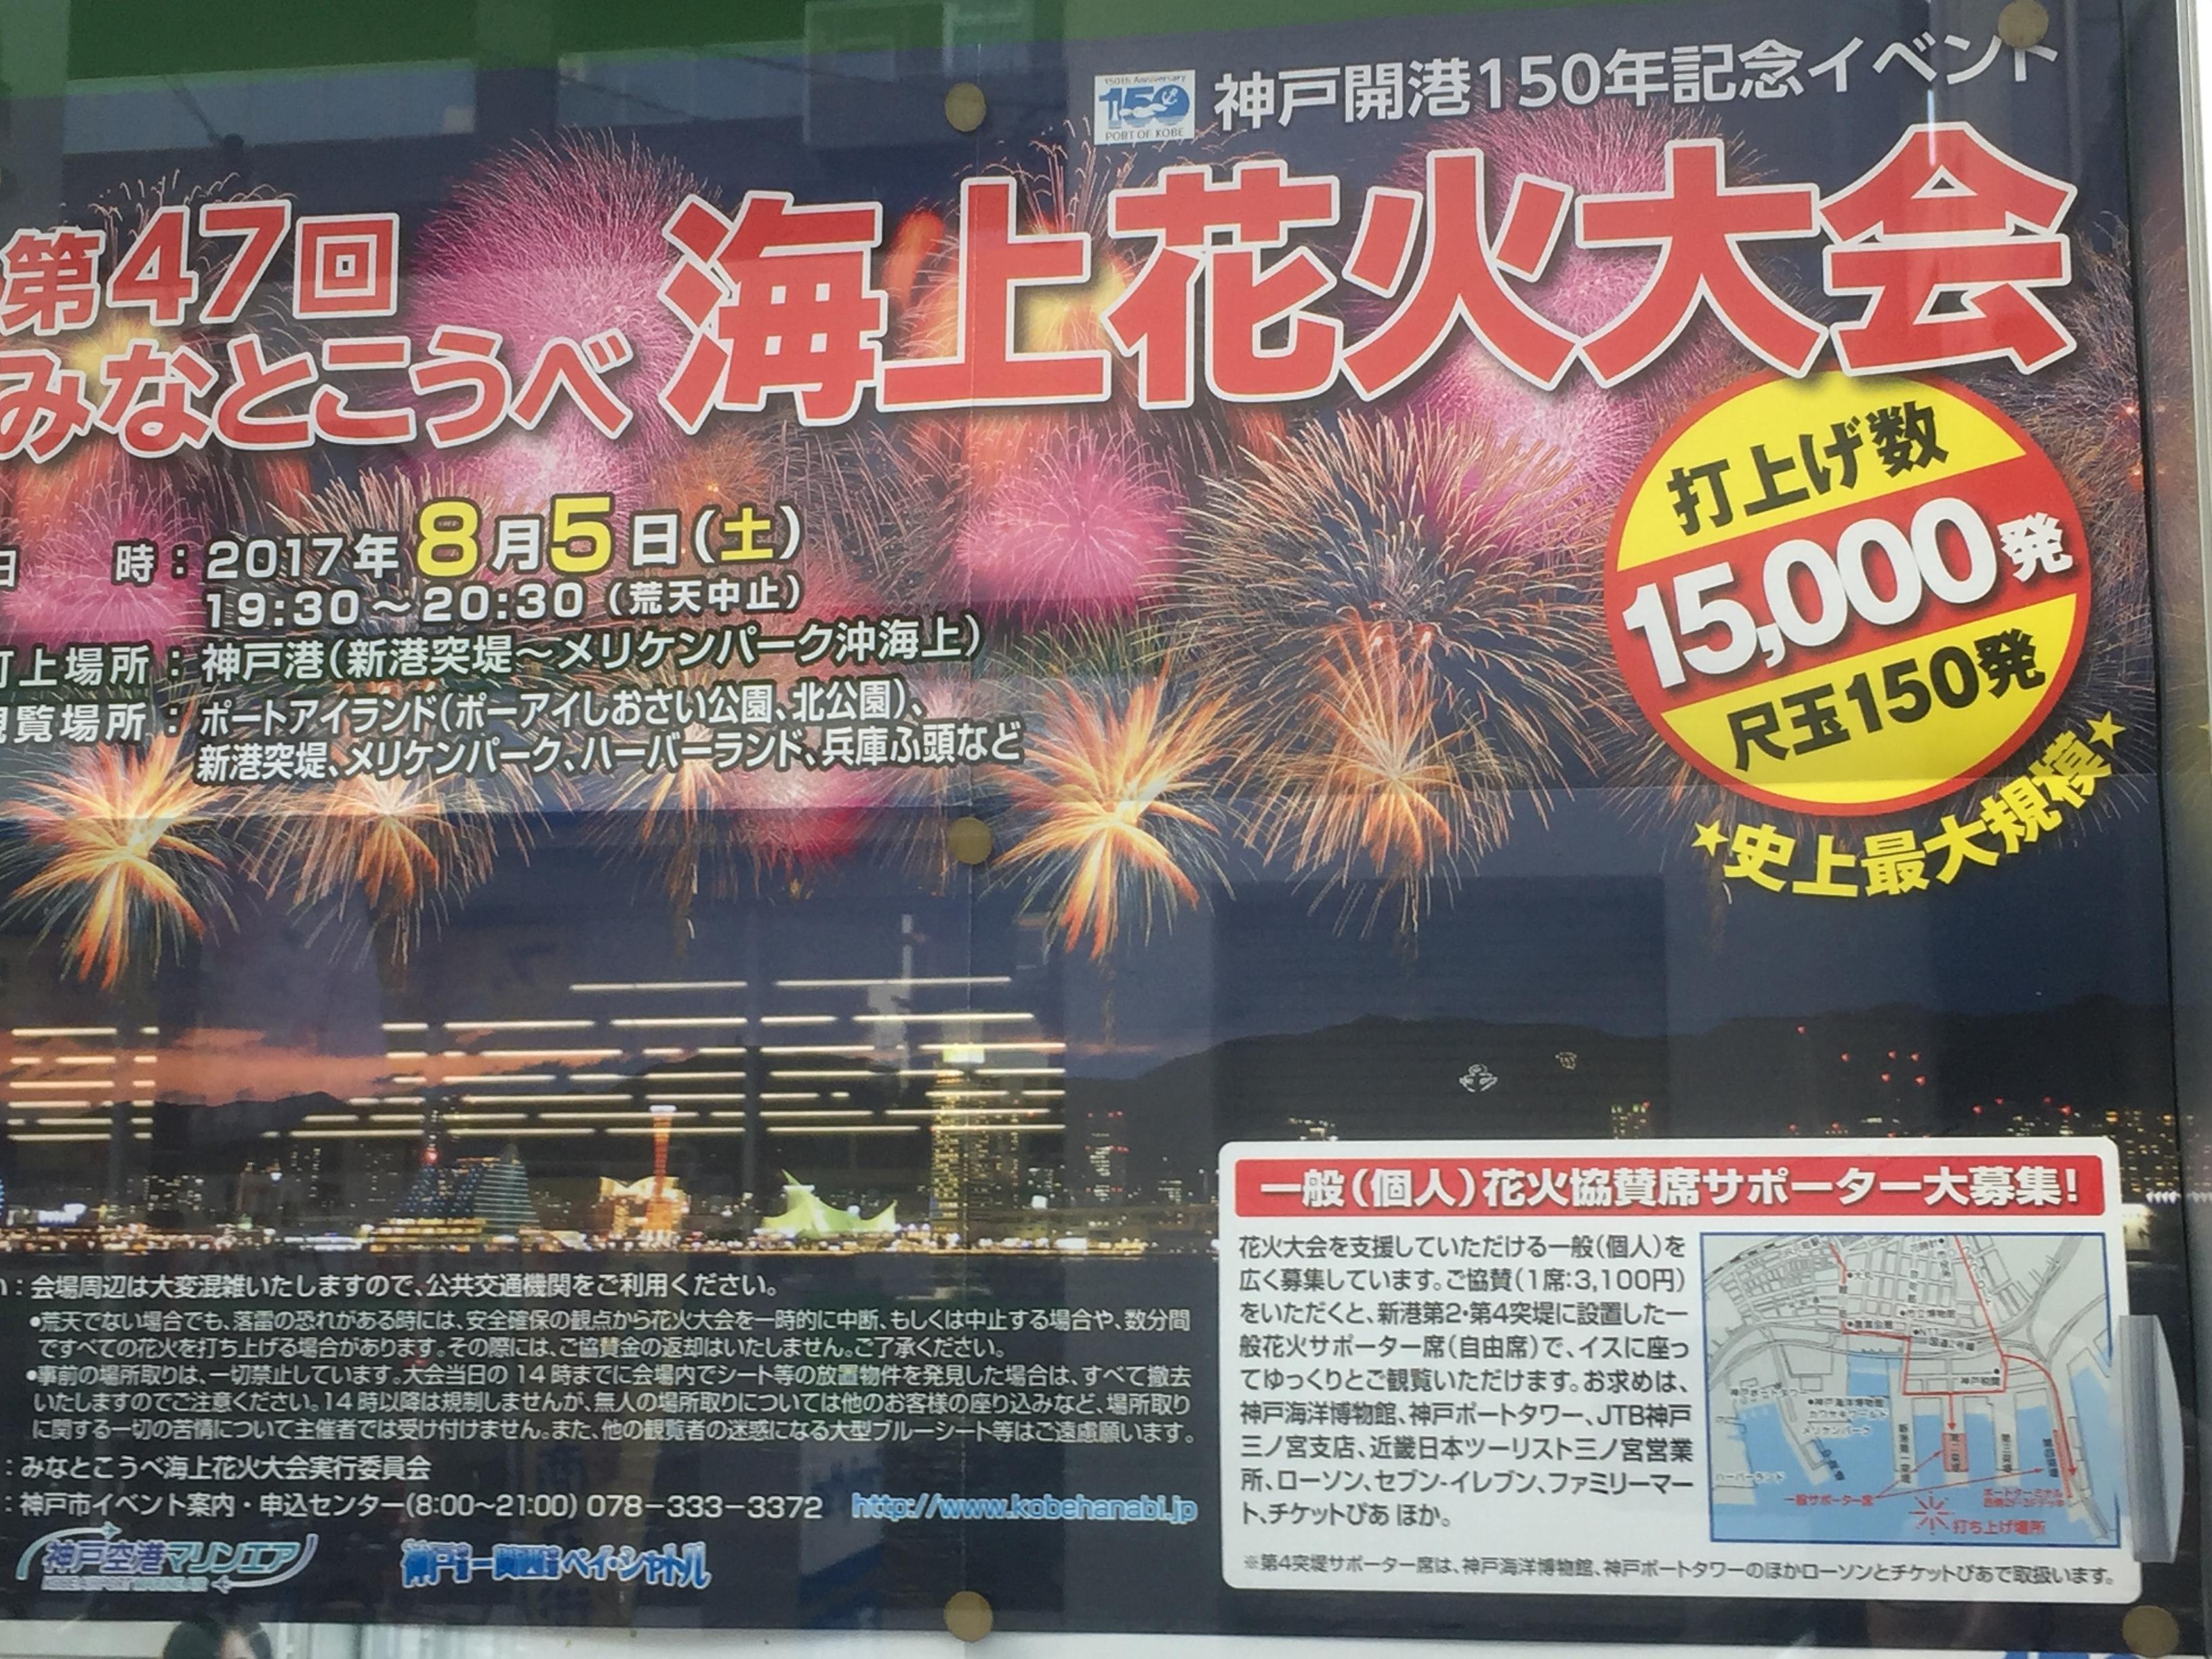 「第47回みなとこうべ海上花火大会」が8/5(土)神戸メリケンパーク沖で開催されるよ! #みなとこうべ海上花火大会